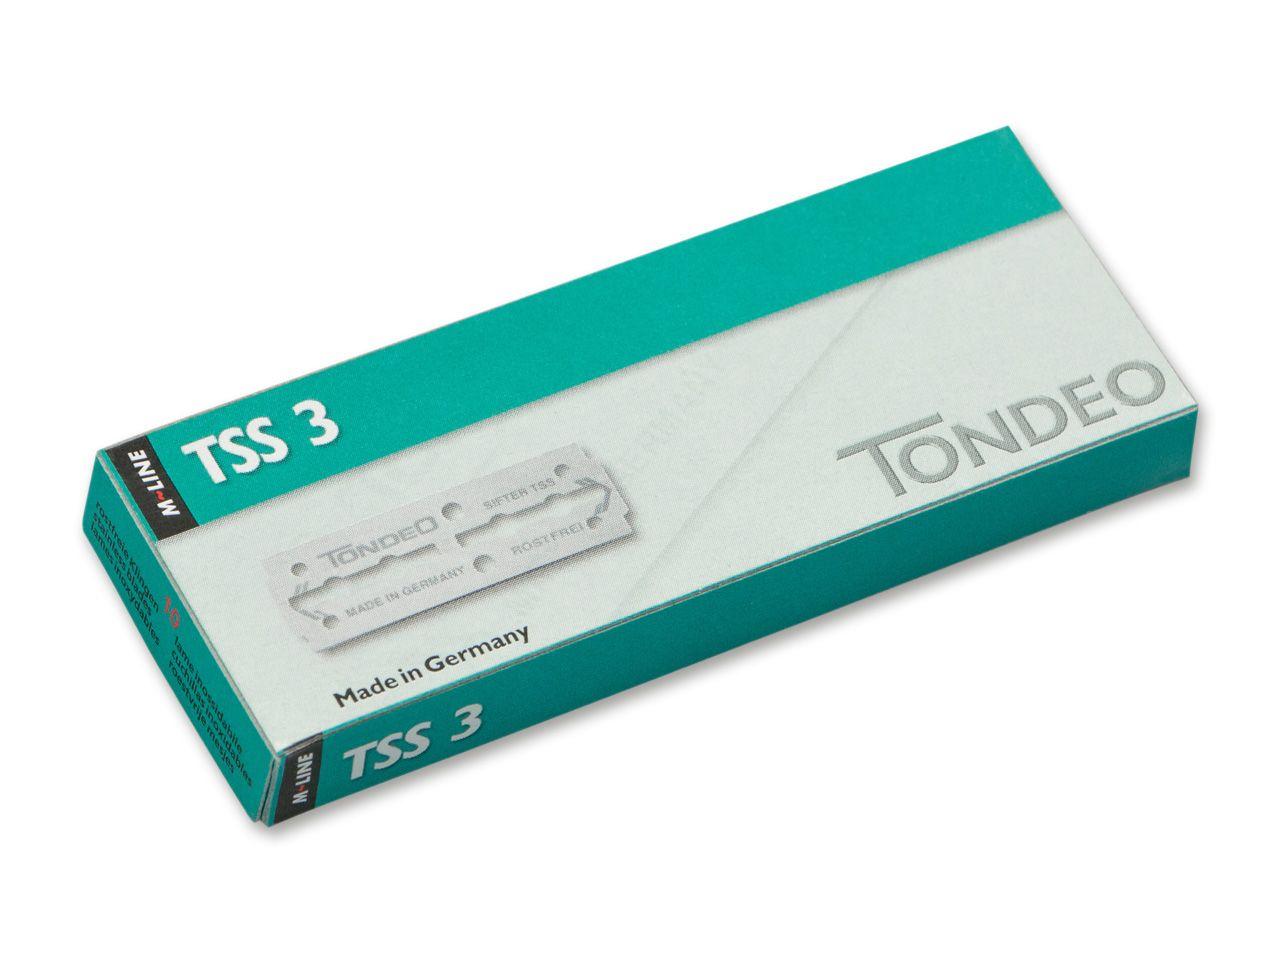 10 TSS 3 Rasierklingen